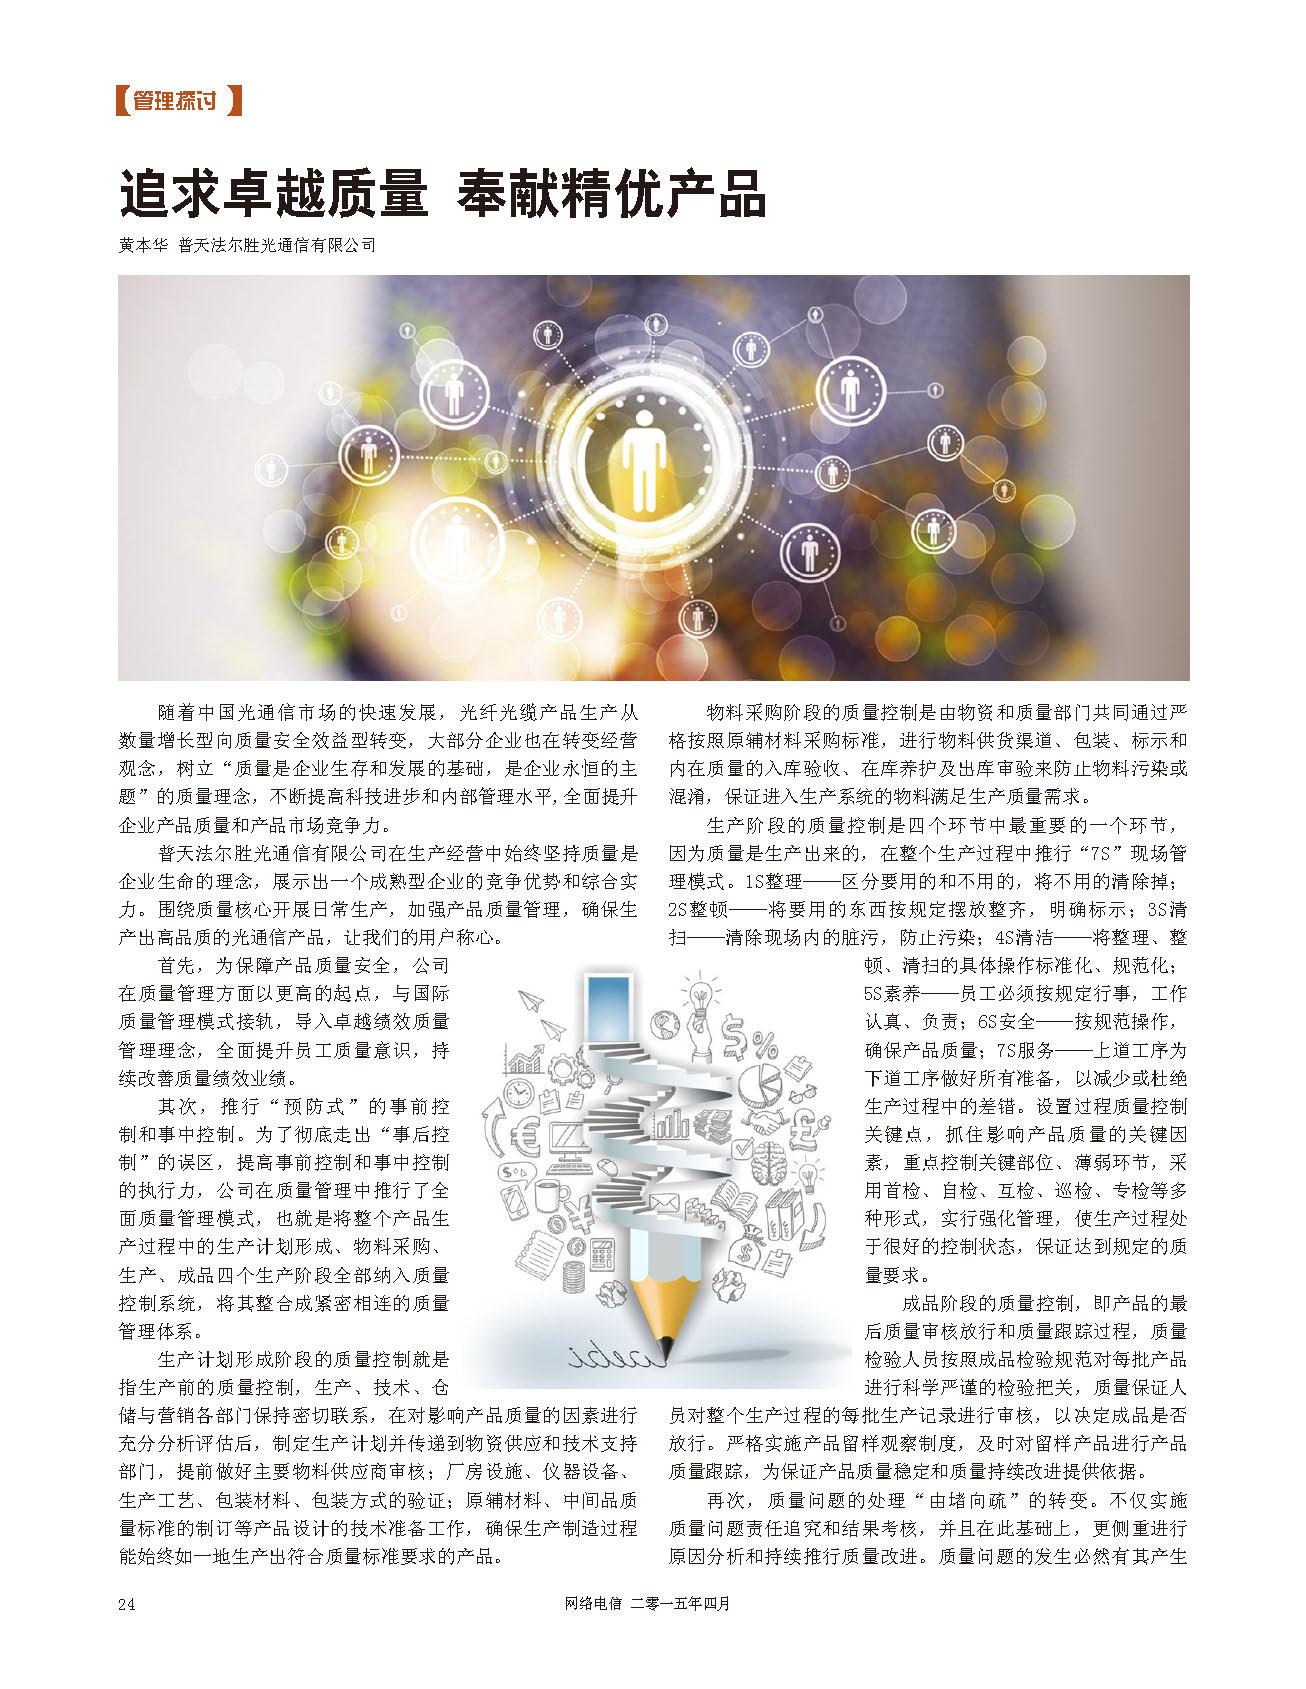 电信2015-04_页面_24.jpg